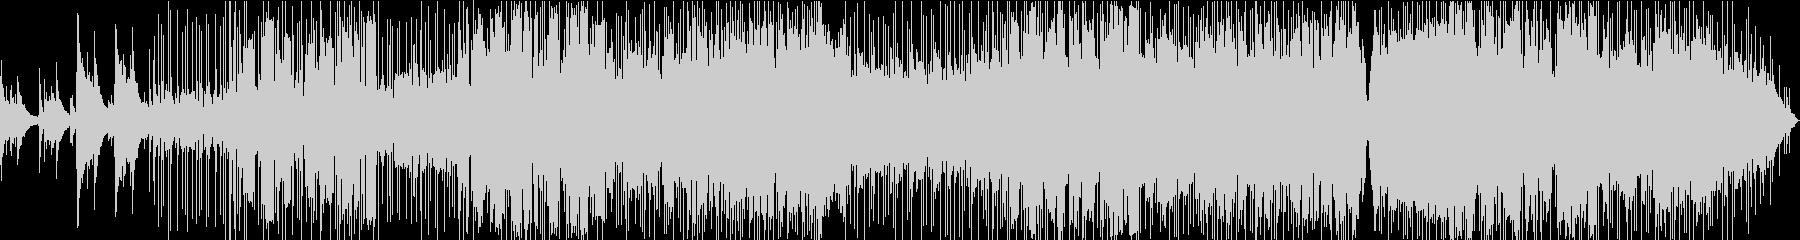 アコギ主体のバラードの未再生の波形